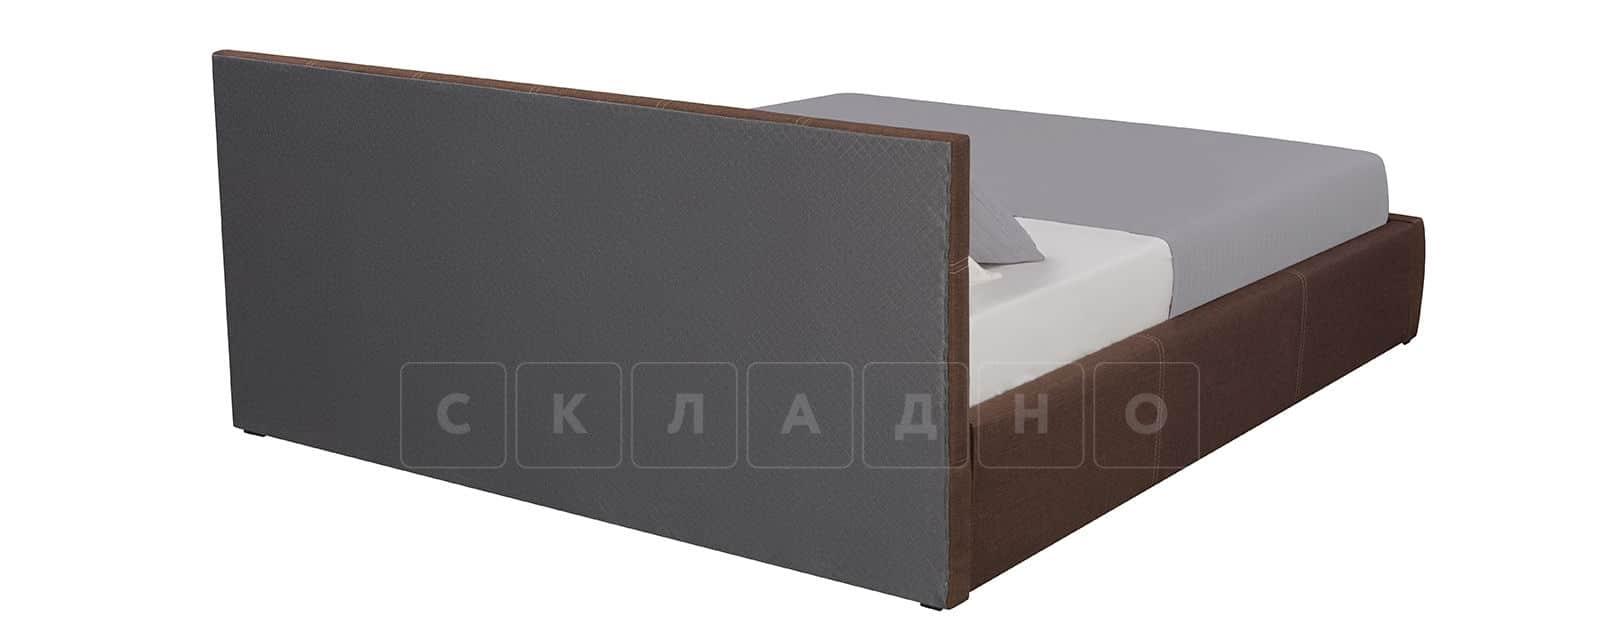 Мягкая кровать Афина 160см рогожка коричневого цвета фото 4 | интернет-магазин Складно